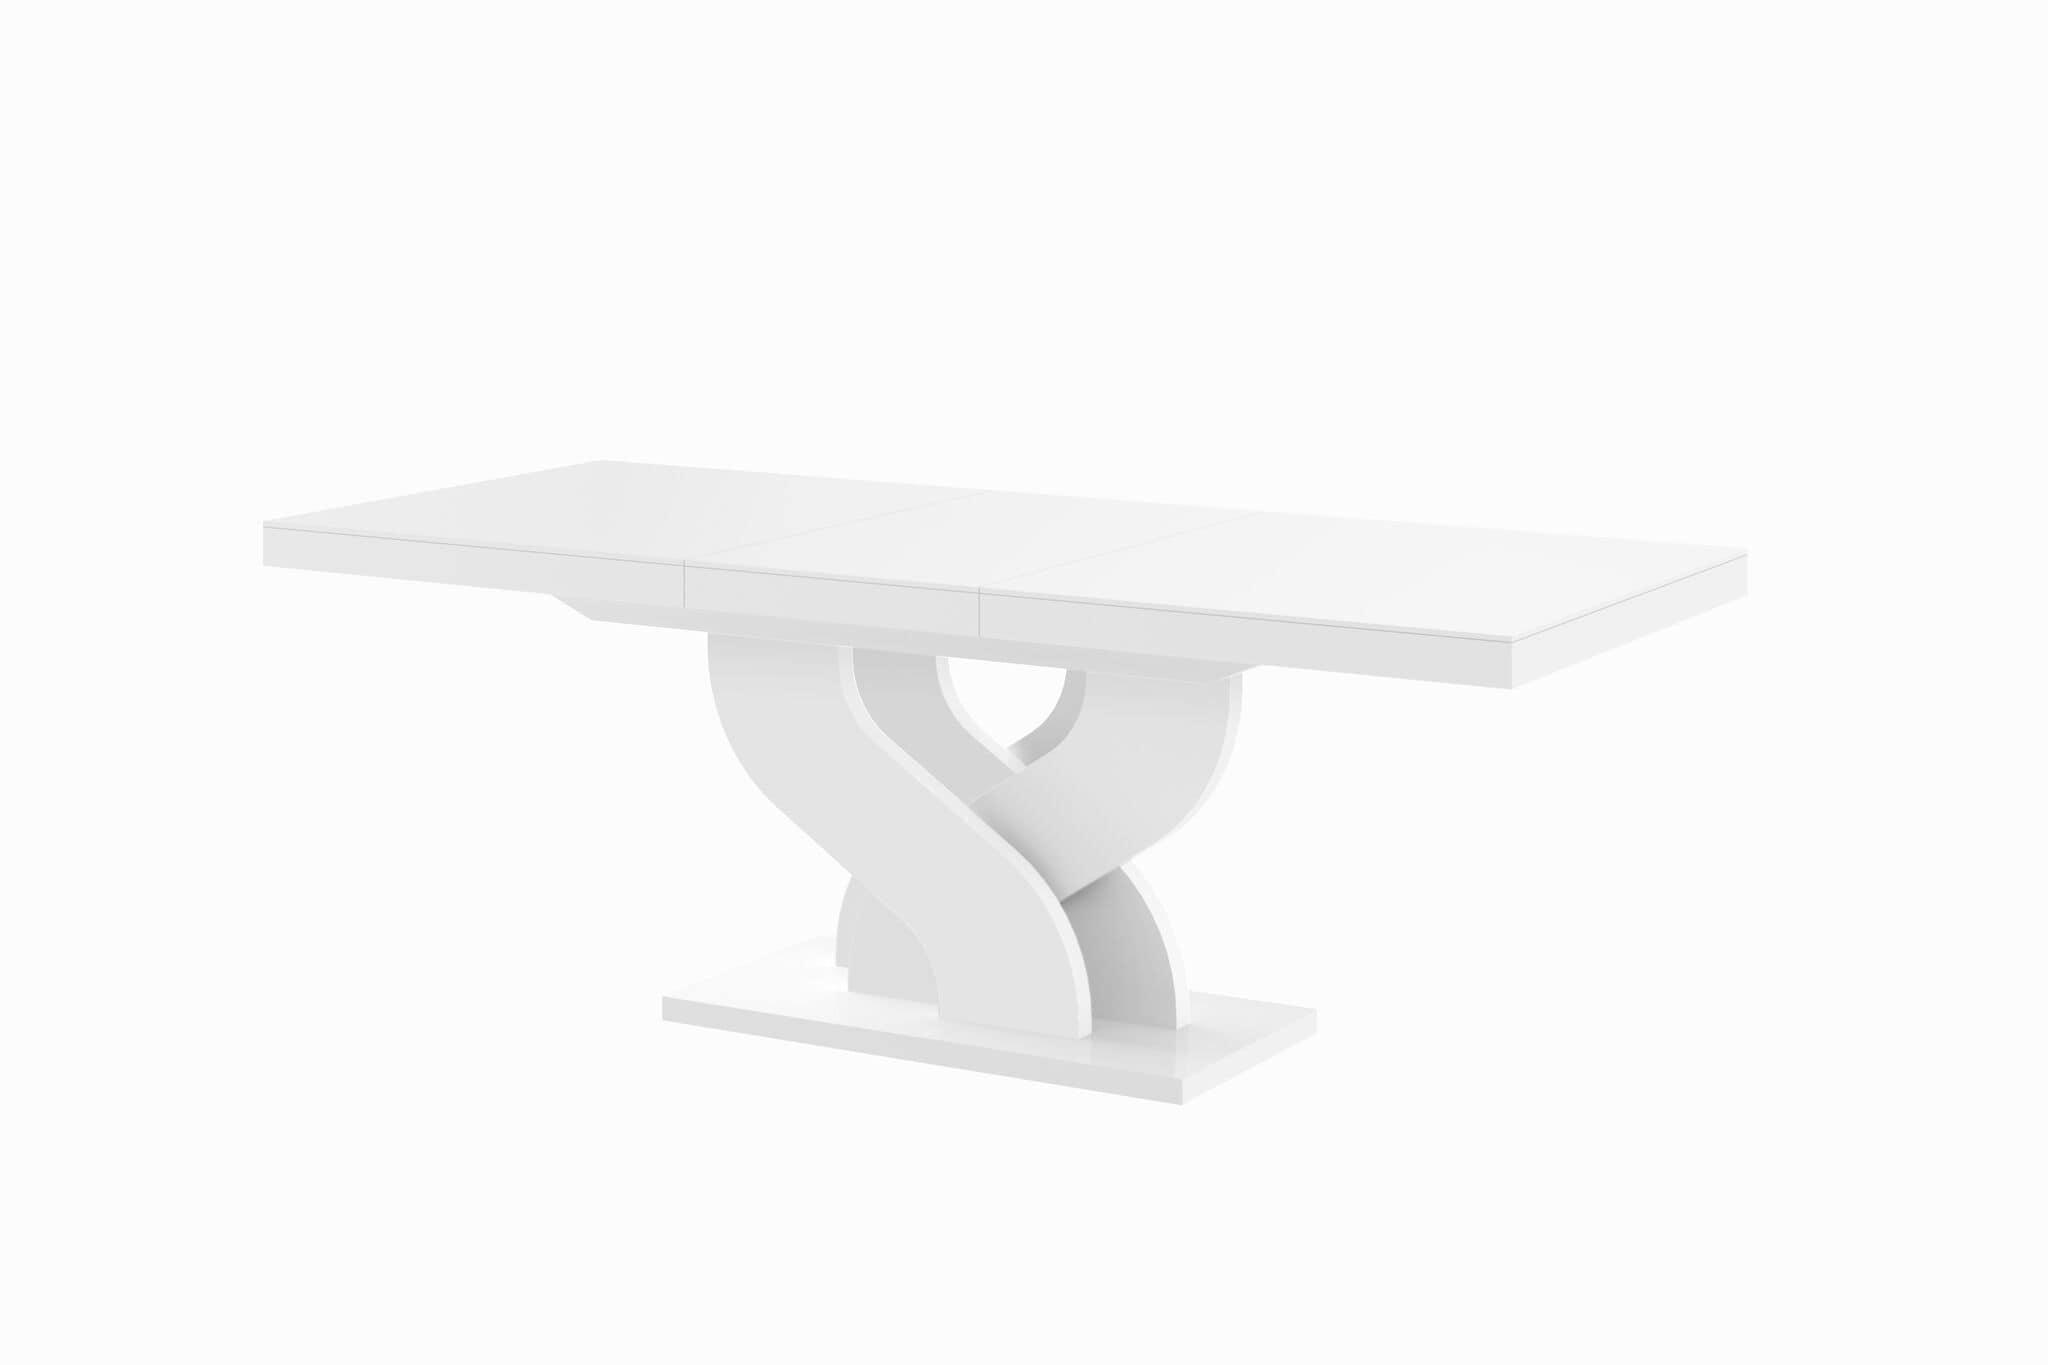 stół hubertus bella biały połysk rozkładany białe tło 210-min